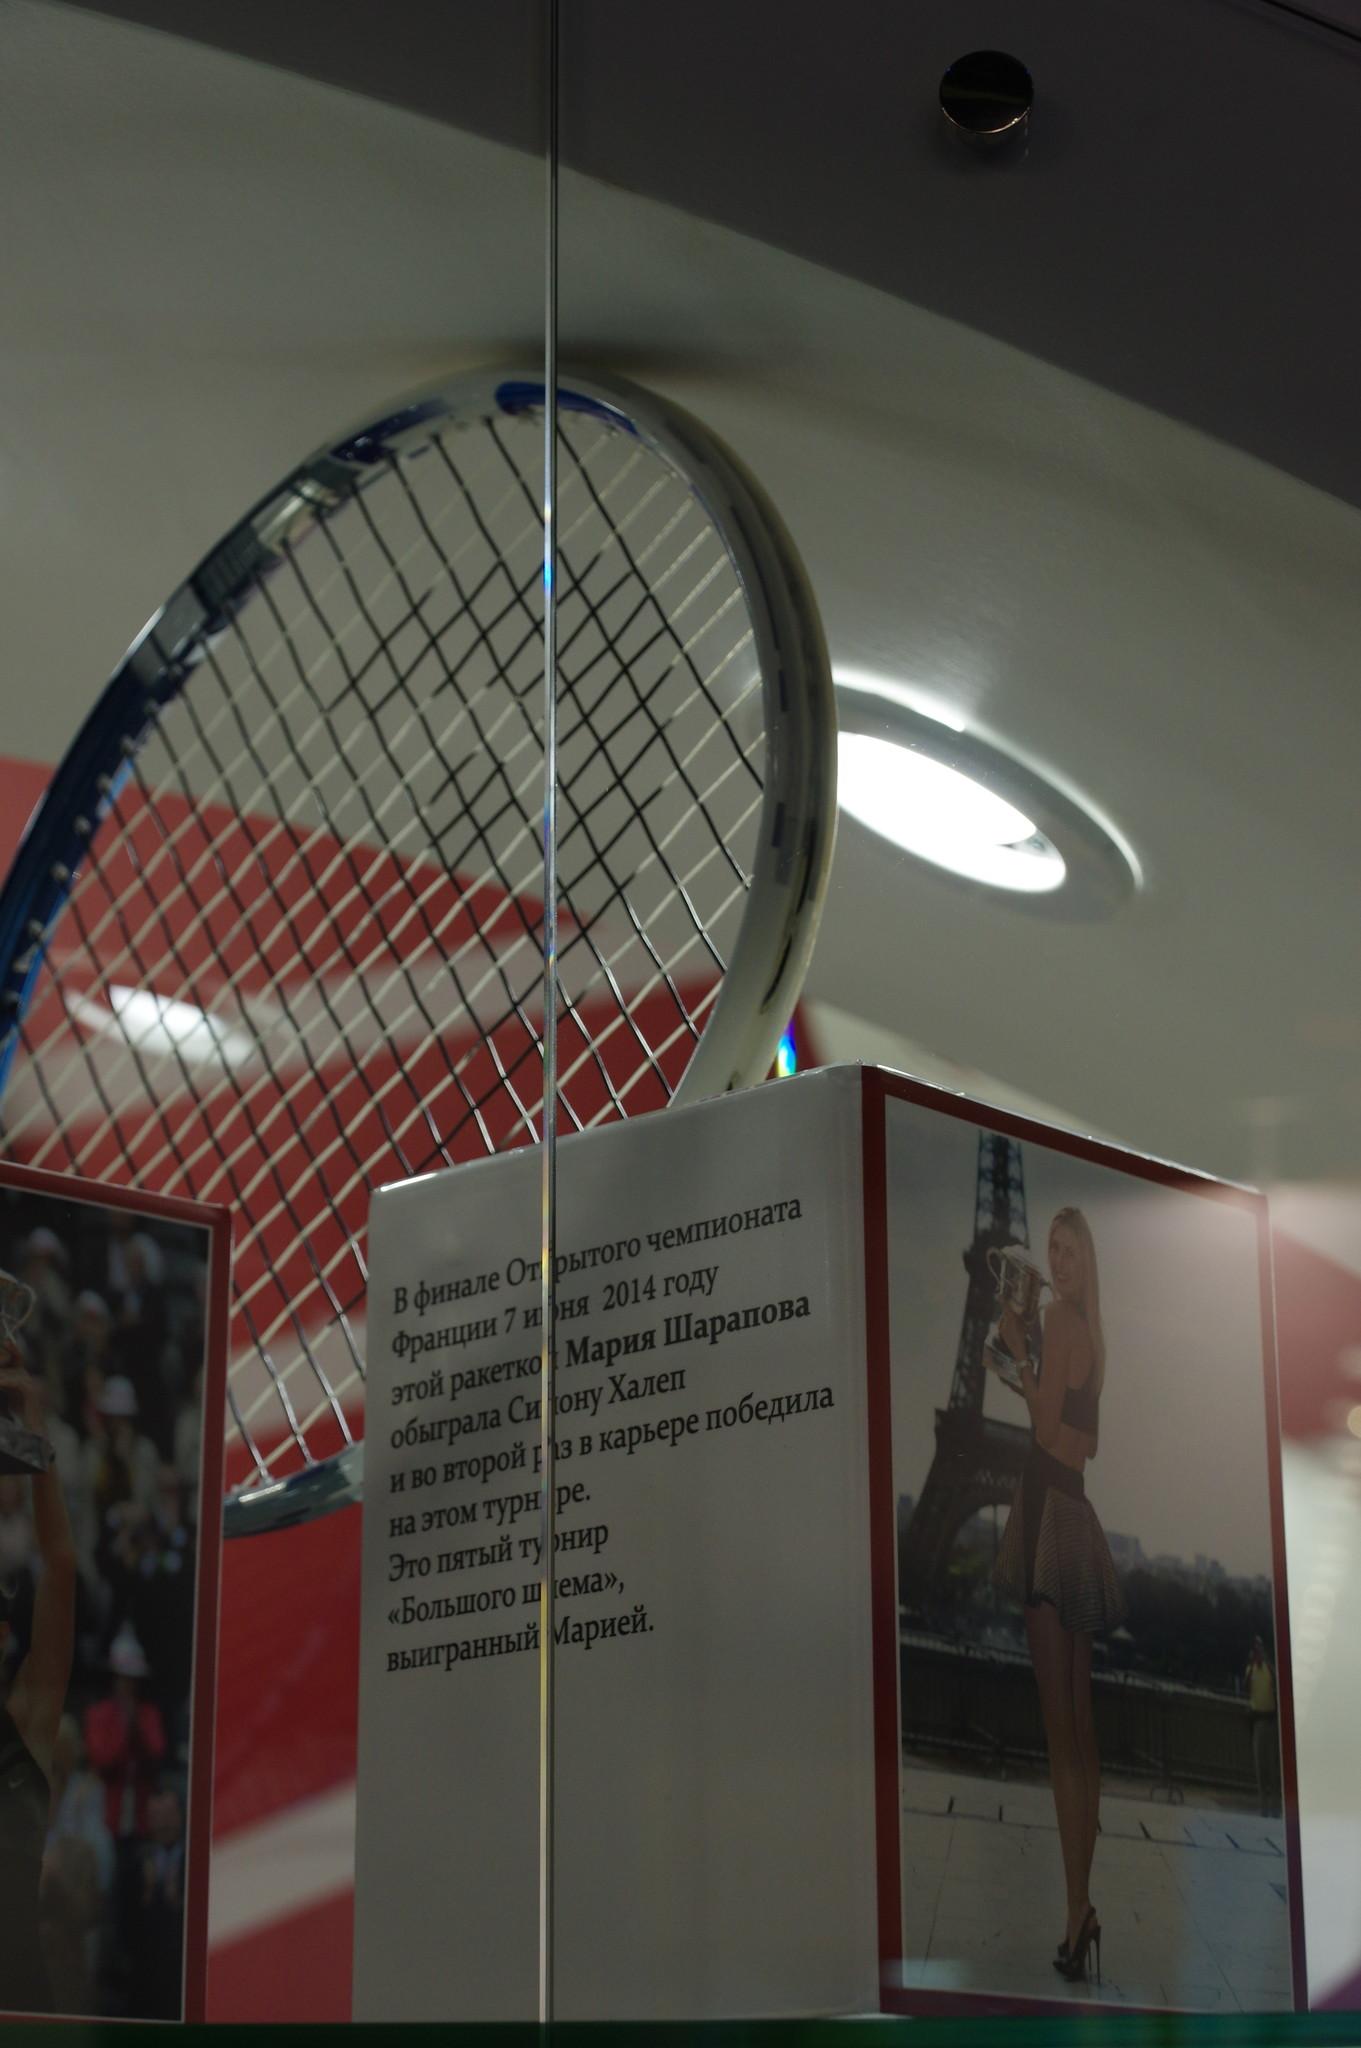 Этой ракеткой Мария Шарапова обыграла Симону Халеп 7 июня 2014 года и во второй раз в карьере победила в финале Открытого чемпионата Франции